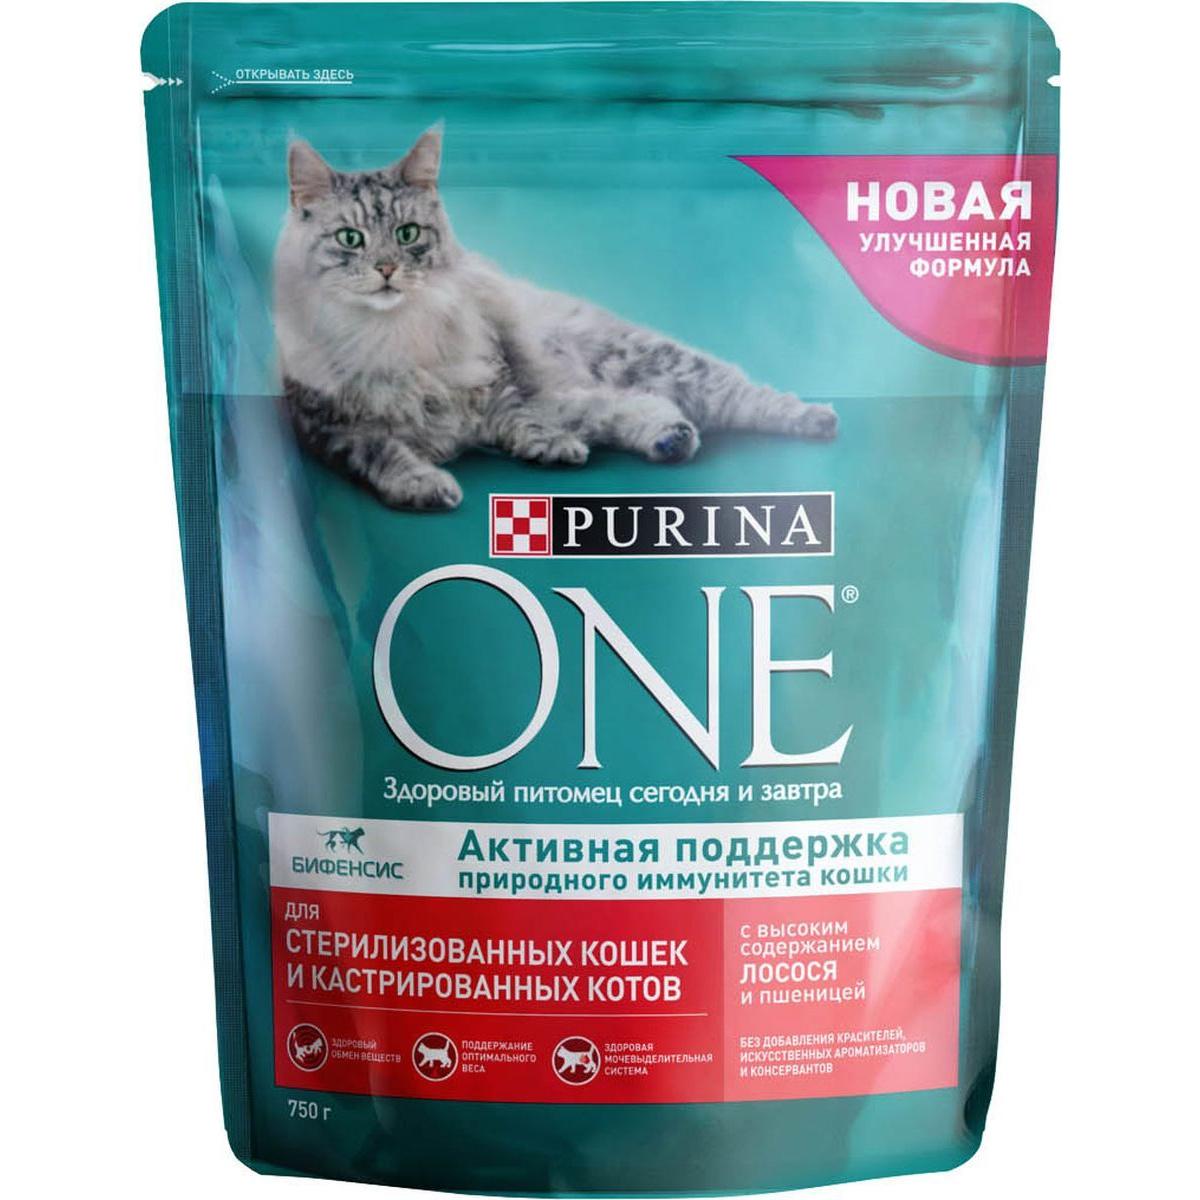 Сухой корм для кошек Purina One, для стерилизованных, лосось и пшеница, 0,75кг фото